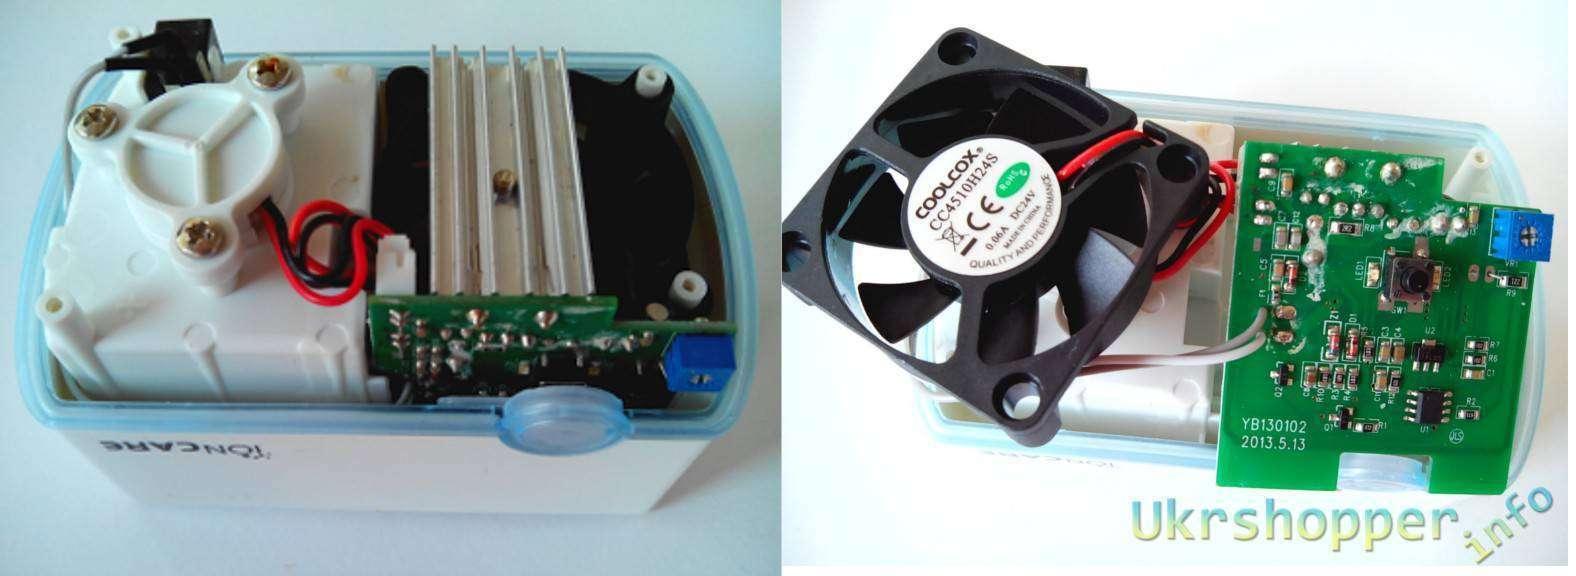 DealExtreme: Маленький ультразвуковой увлажнитель.